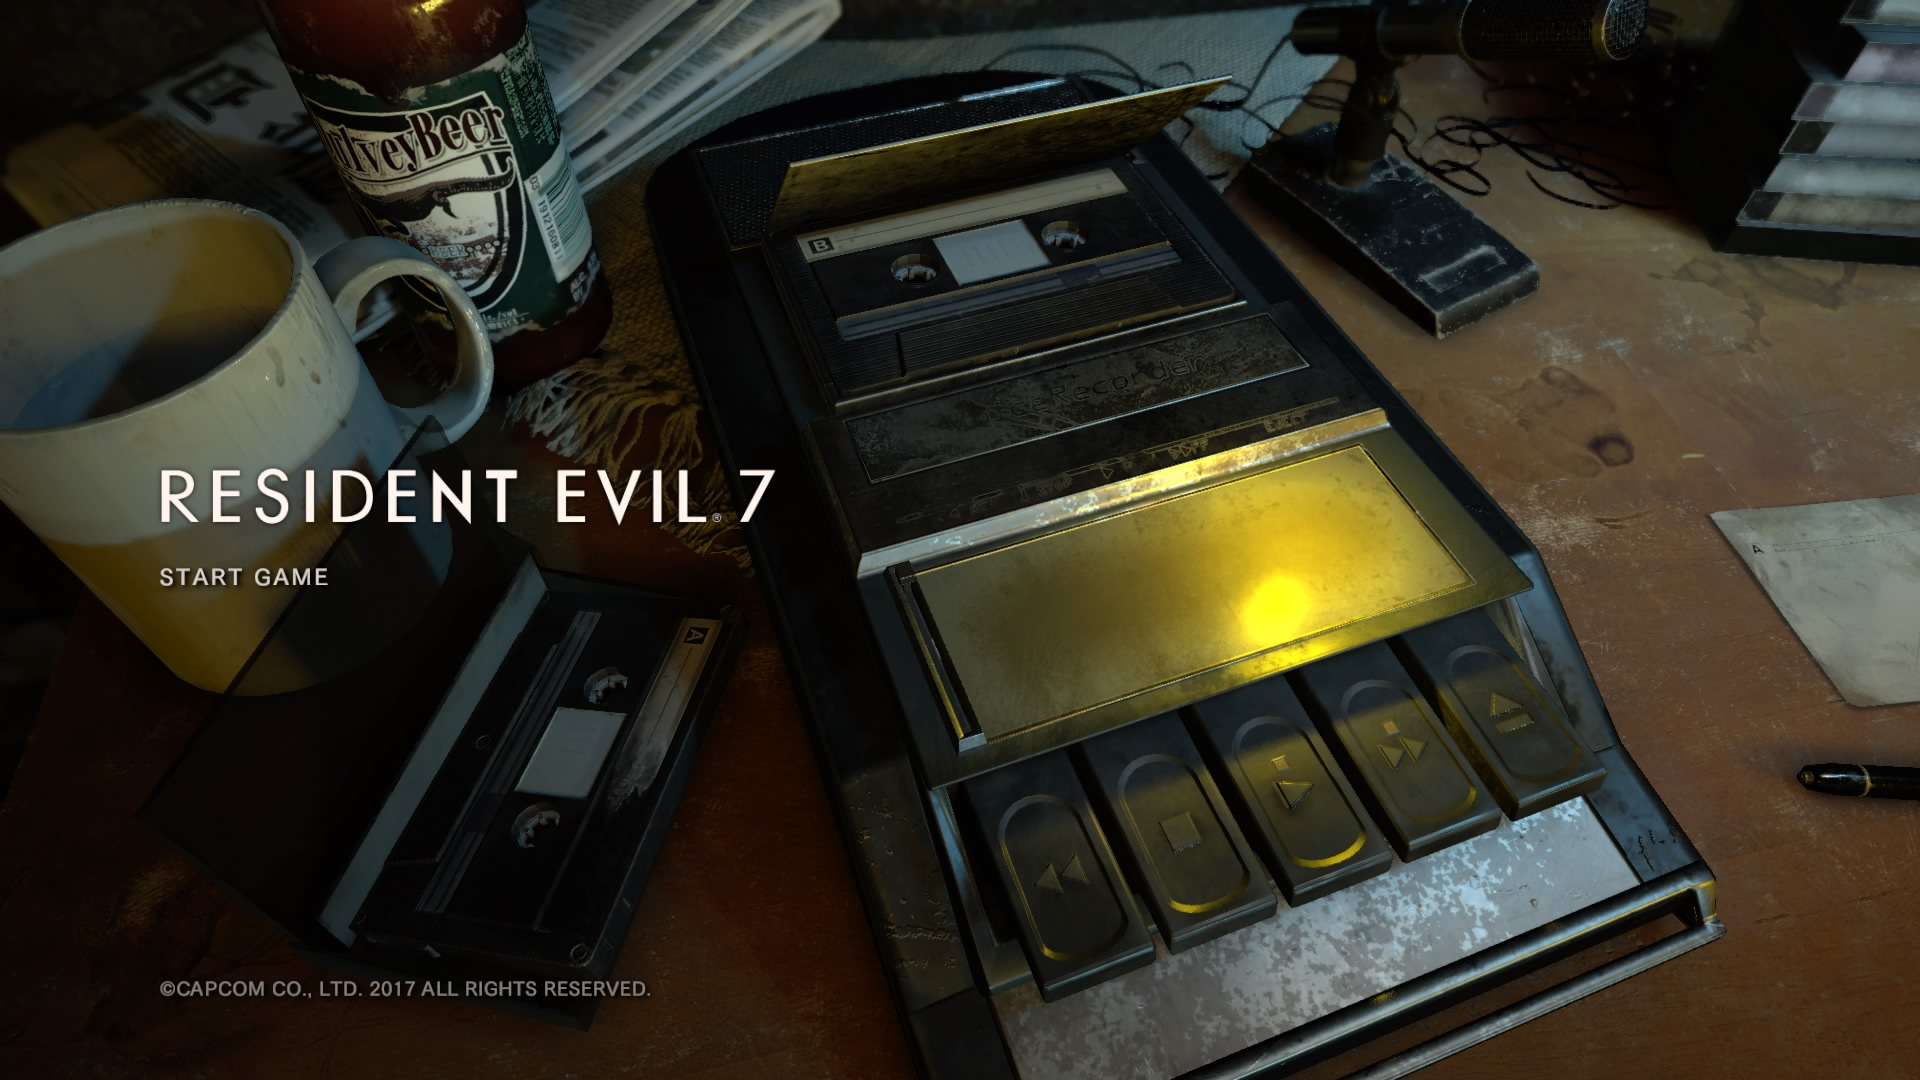 Resident Evil is back